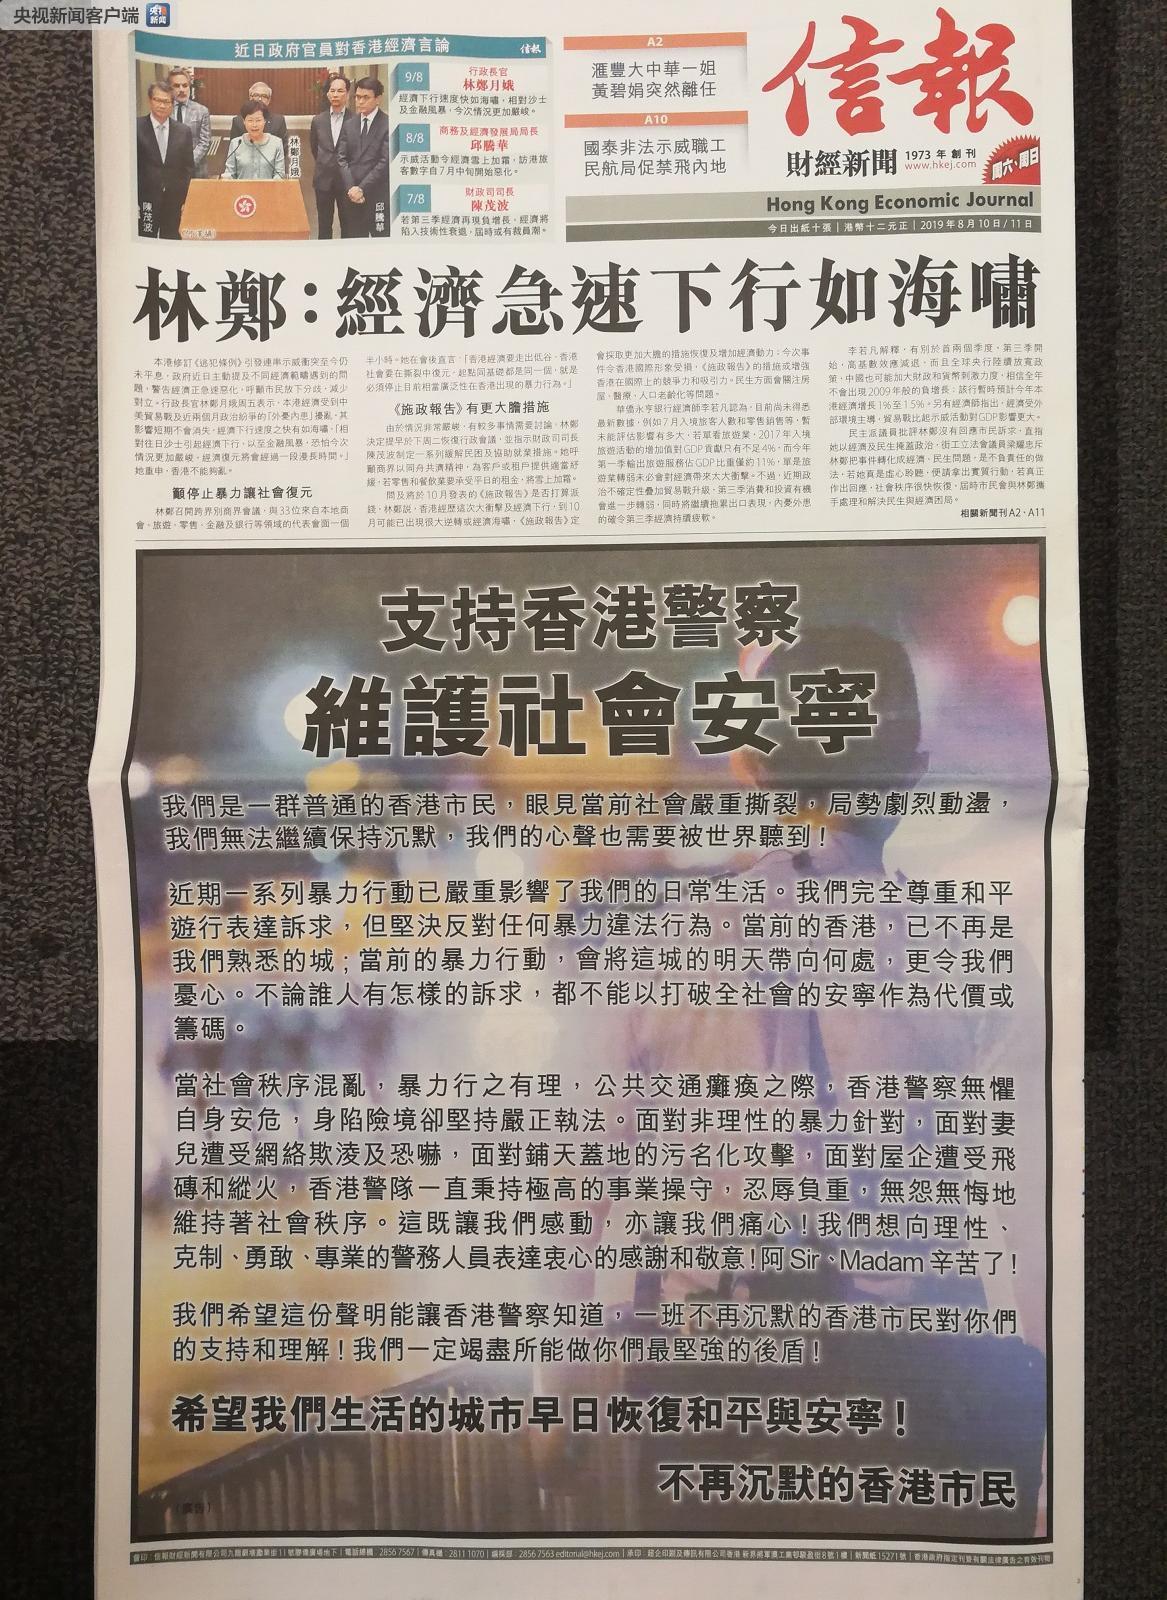 △《信报》刊登《支持香港警察 维护社会安宁》